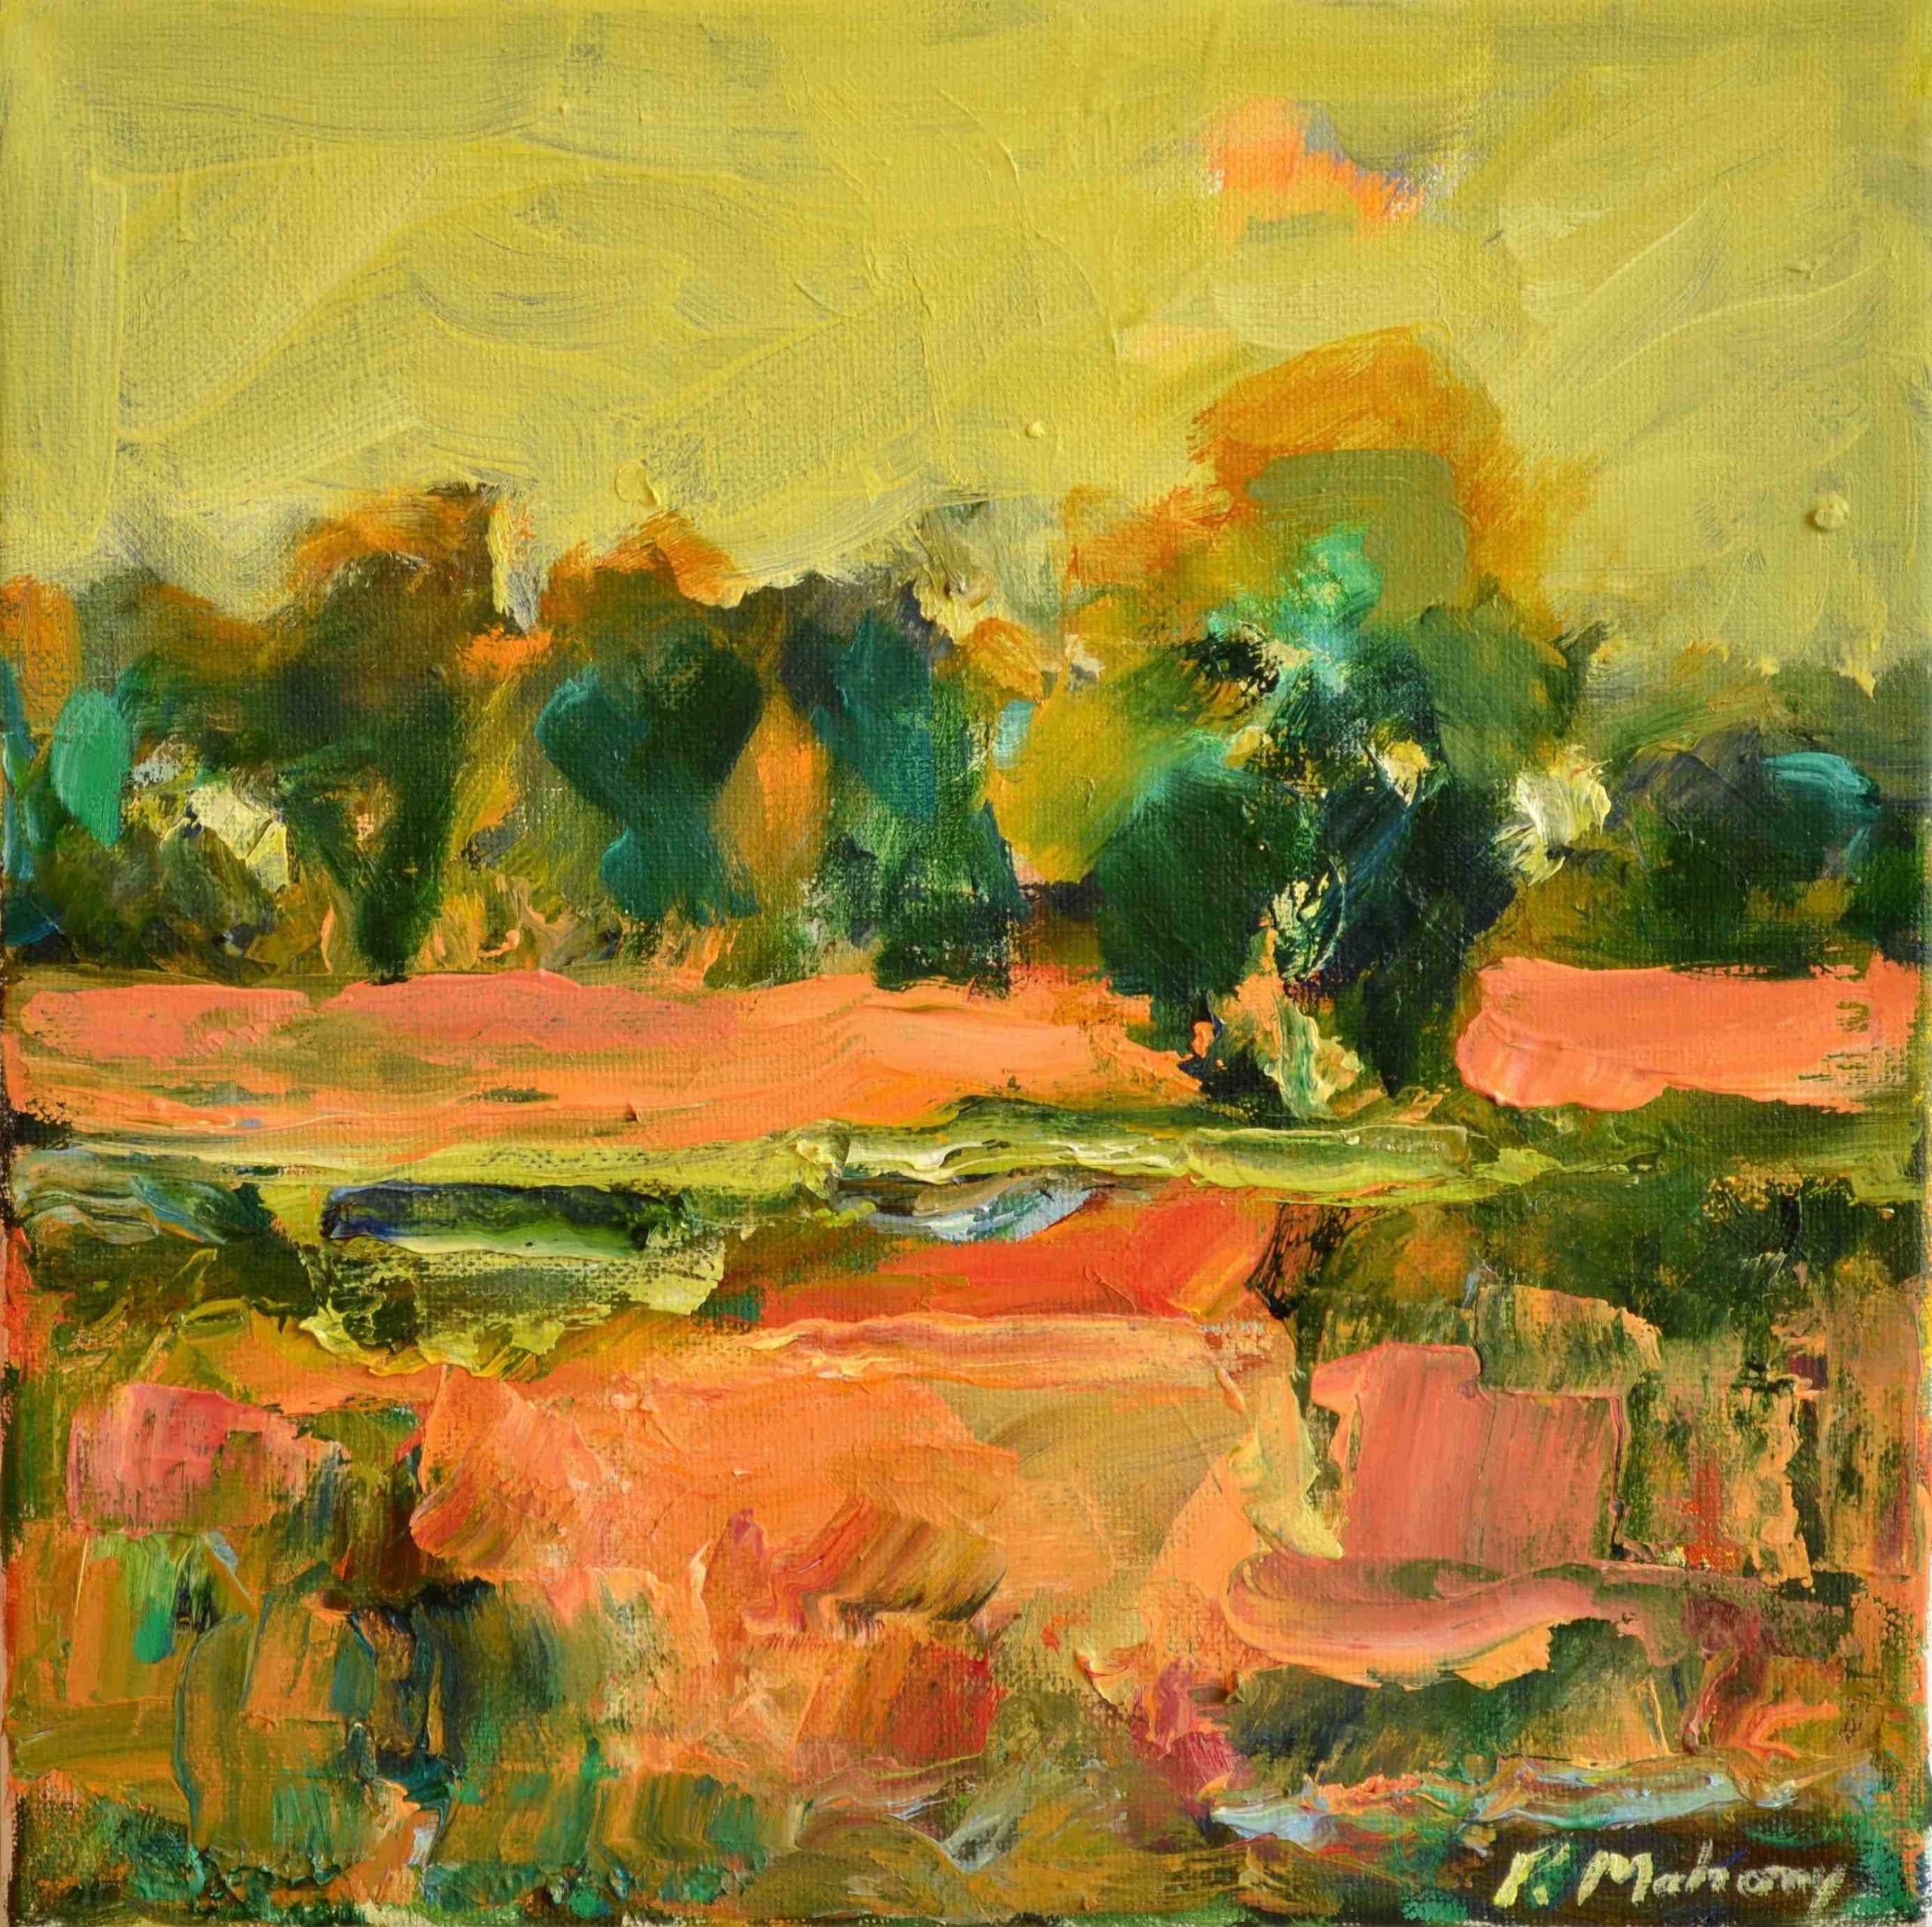 """Pat Mahony - Yellow Sky - 2020 - Oil on Canvas - 10"""" x 10"""""""